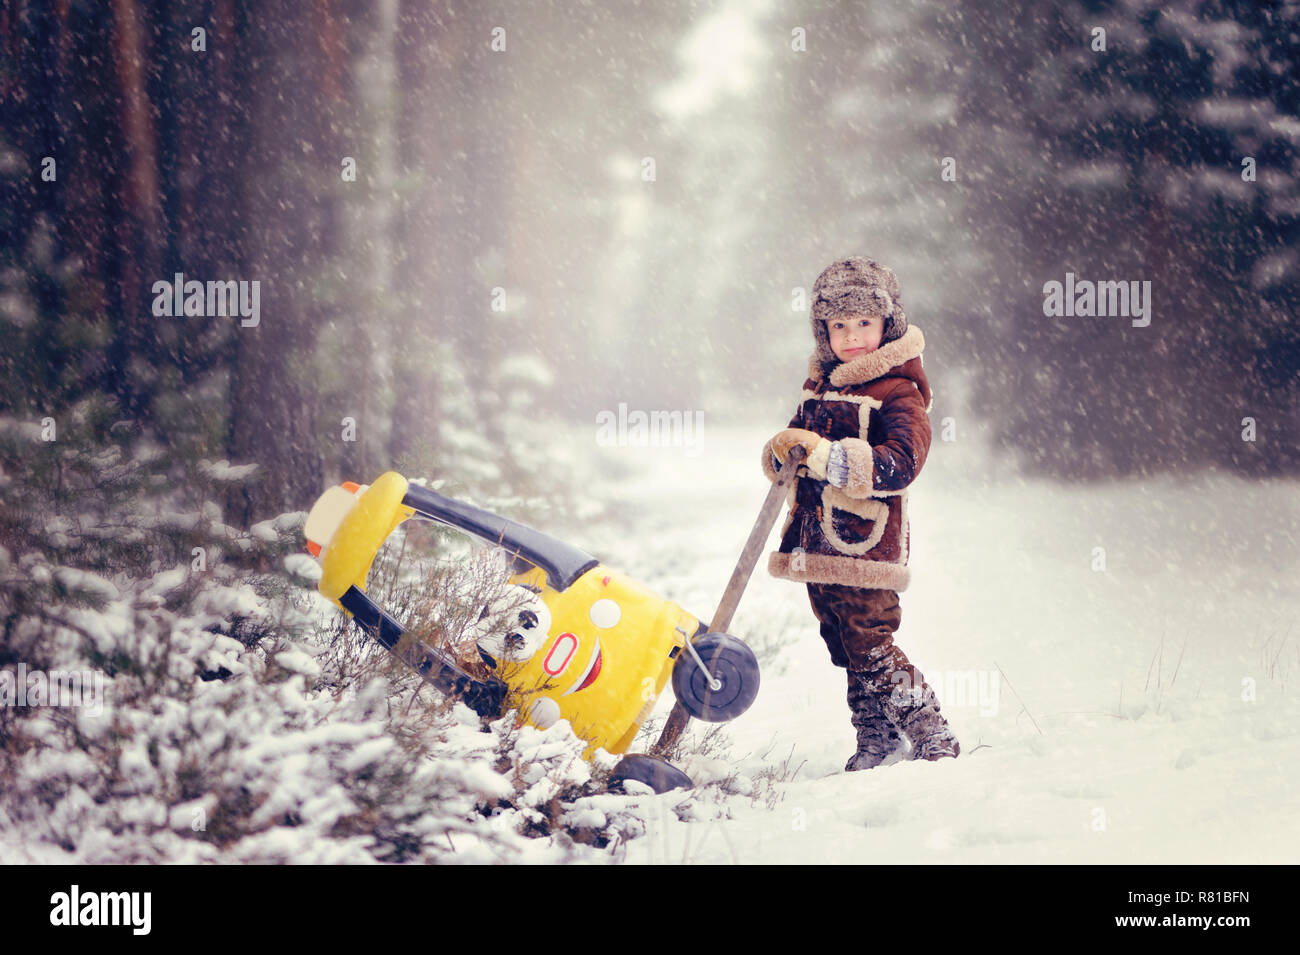 Enfant jouant à l'extérieur au cours de neige. Le garçon pousse de la neige petite voiture jaune, avec deux ours en peluche à l'intérieur, belle hiver neigeux par Banque D'Images